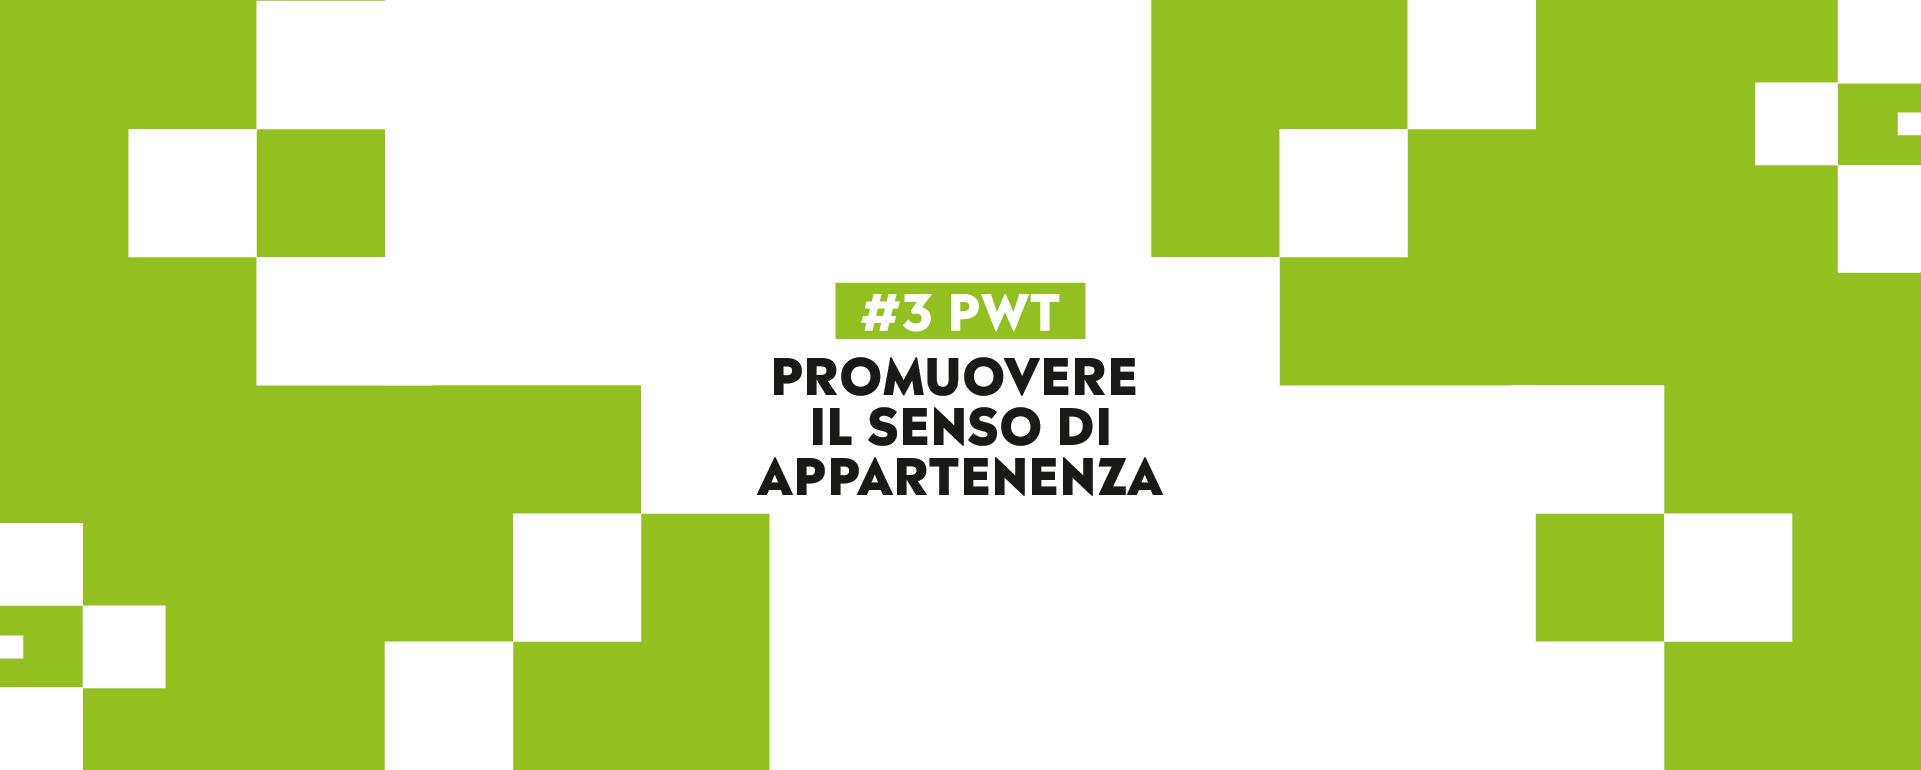 Phygital-work-talk3-senso-di-appartenenza-iaa-preview